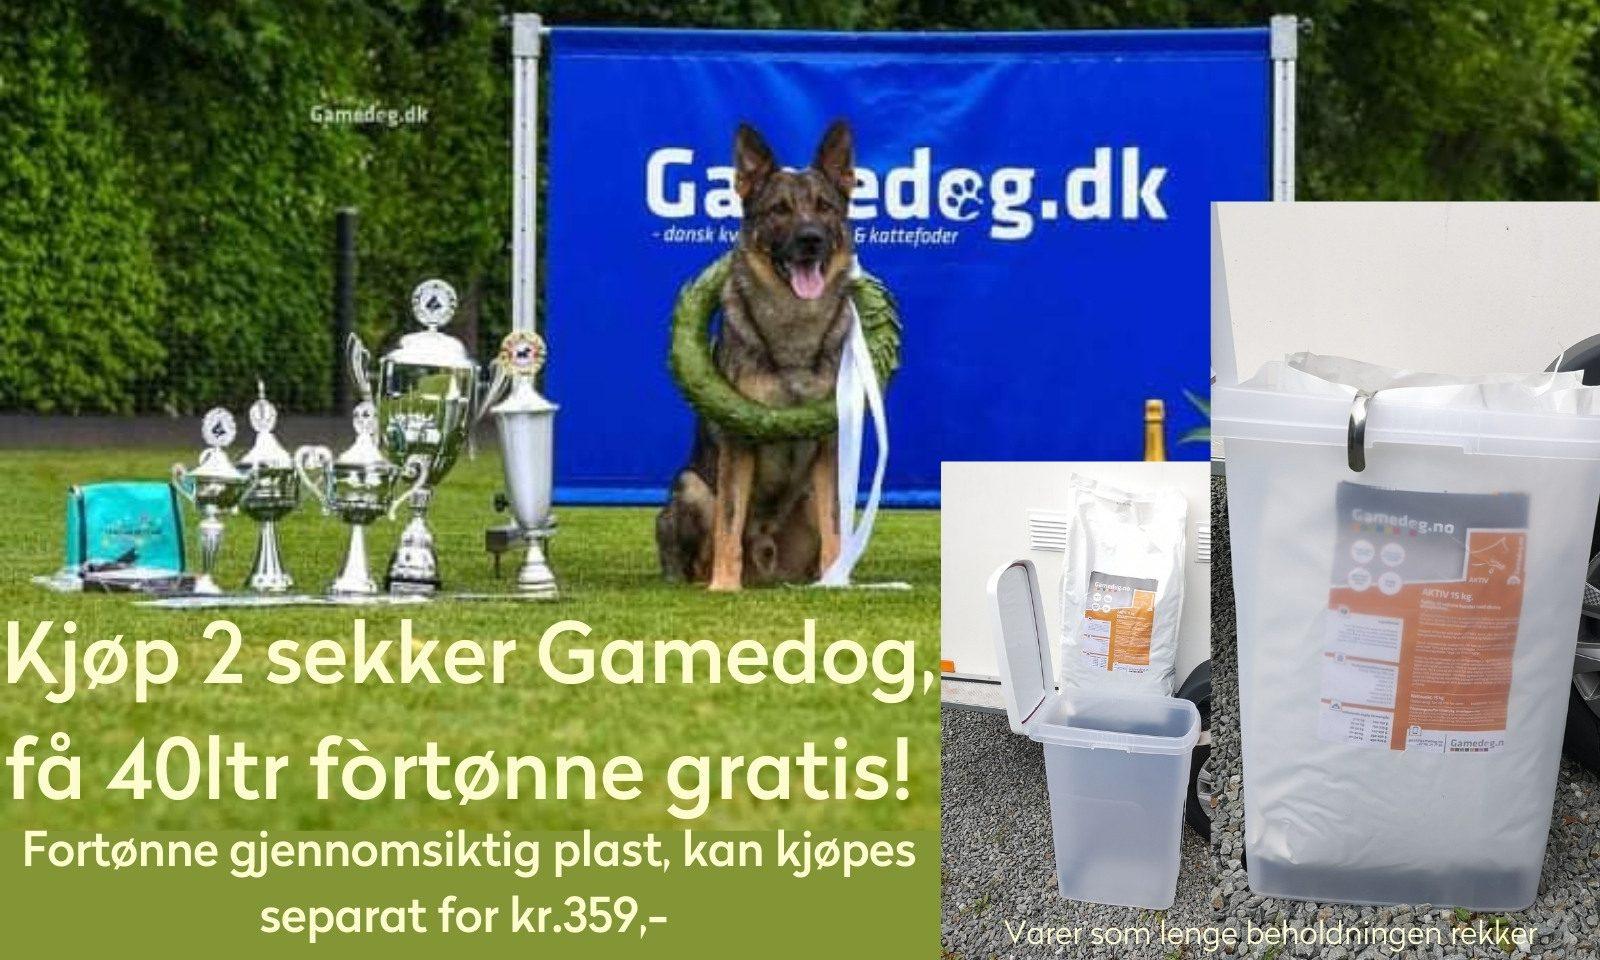 Gamedog kampanje